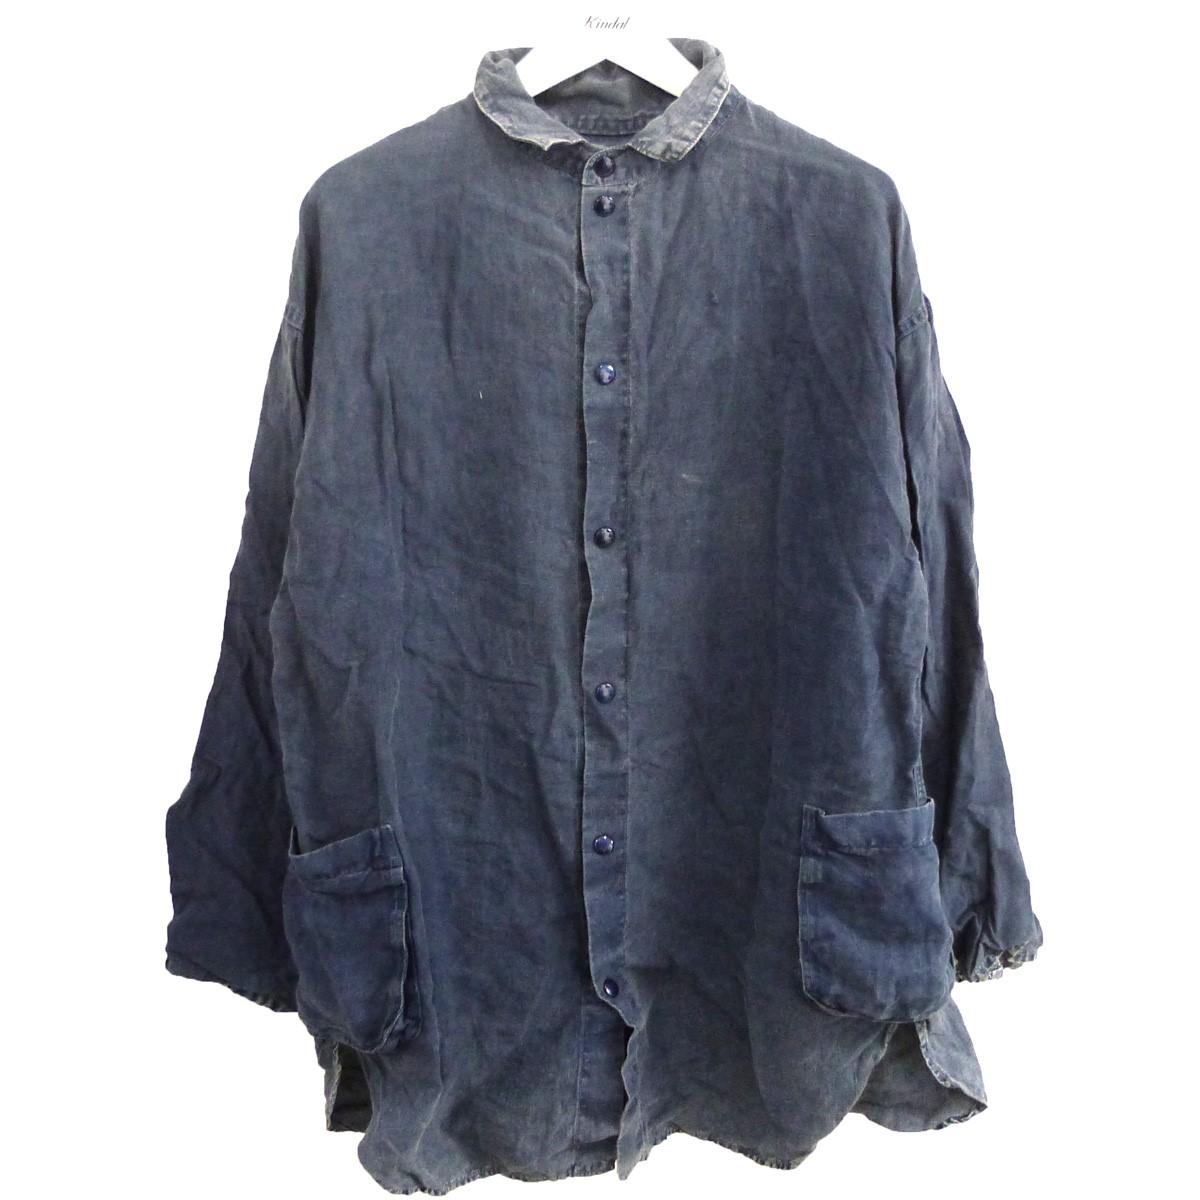 【中古】Porter Classic 「LINEN SHIRT JACKET」 リネンシャツジャケット インディゴ サイズ:l 【150820】(ポータークラシック)